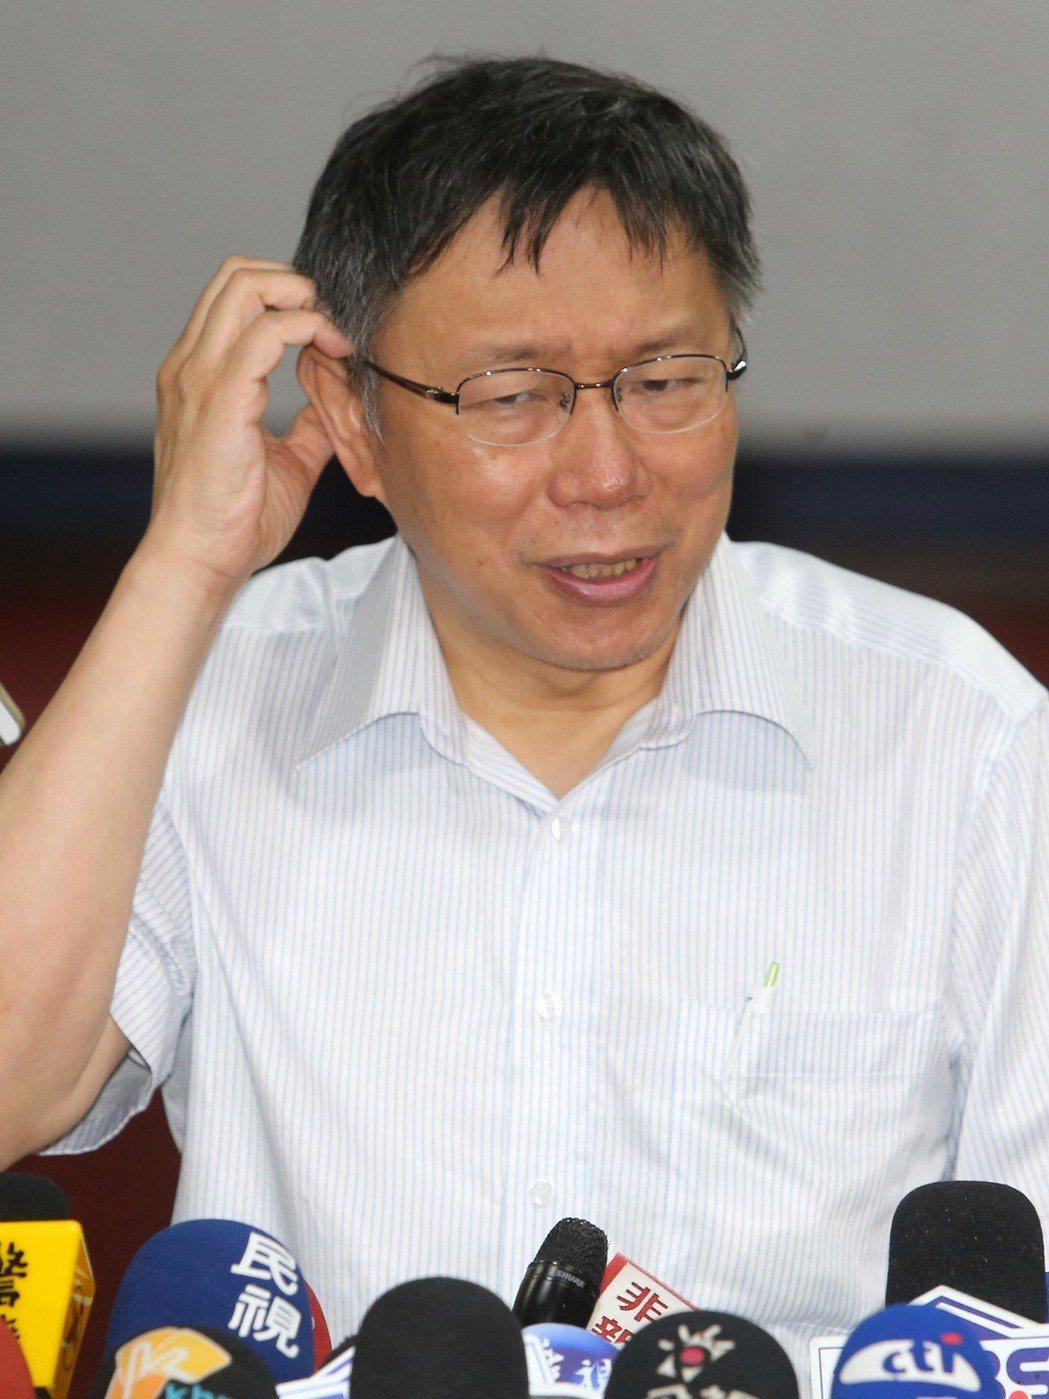 台北市長柯文哲說,搞笑、不修邊幅的濟公也是他的本質。圖/聯合報系資料照片